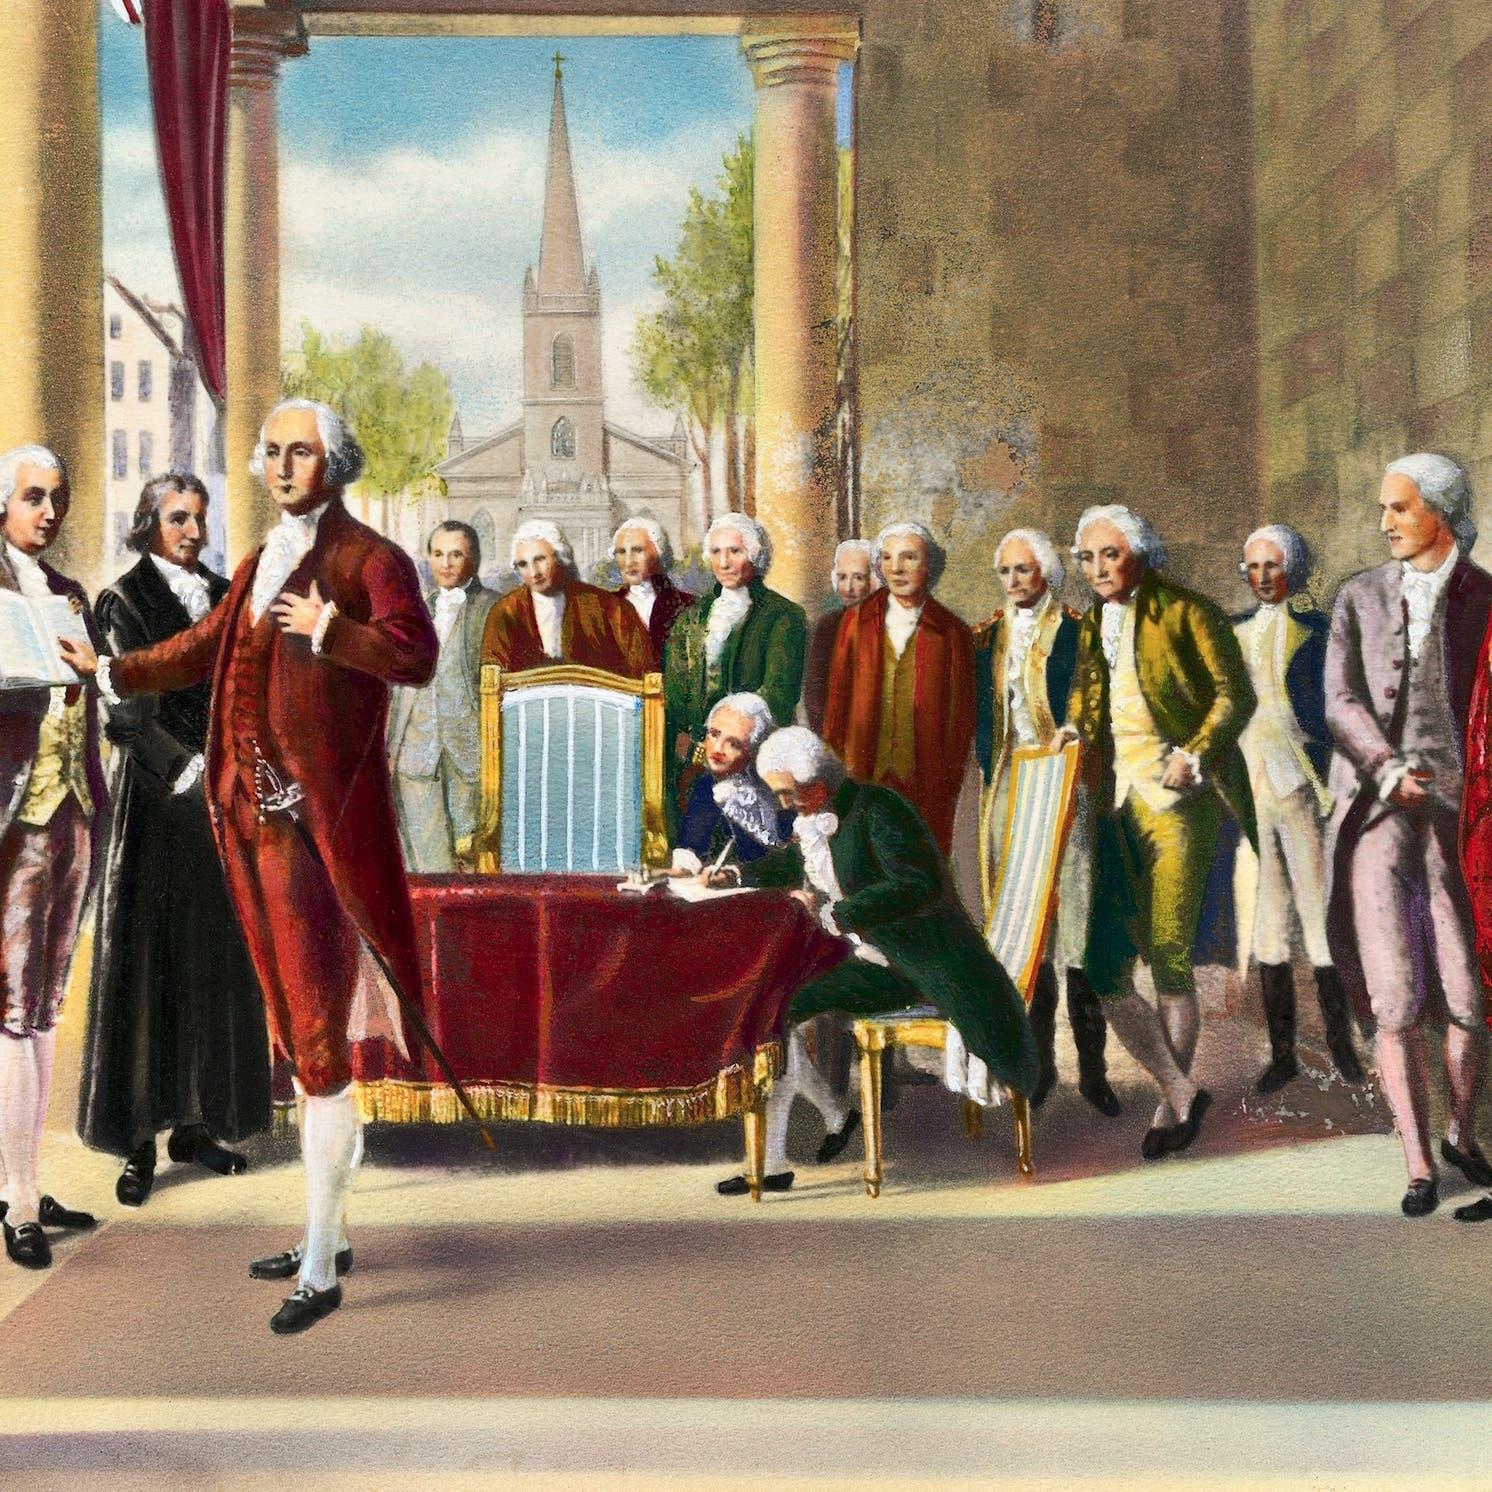 هكذا جرت مراسم تنصيب أول رئيس للولايات المتحدة